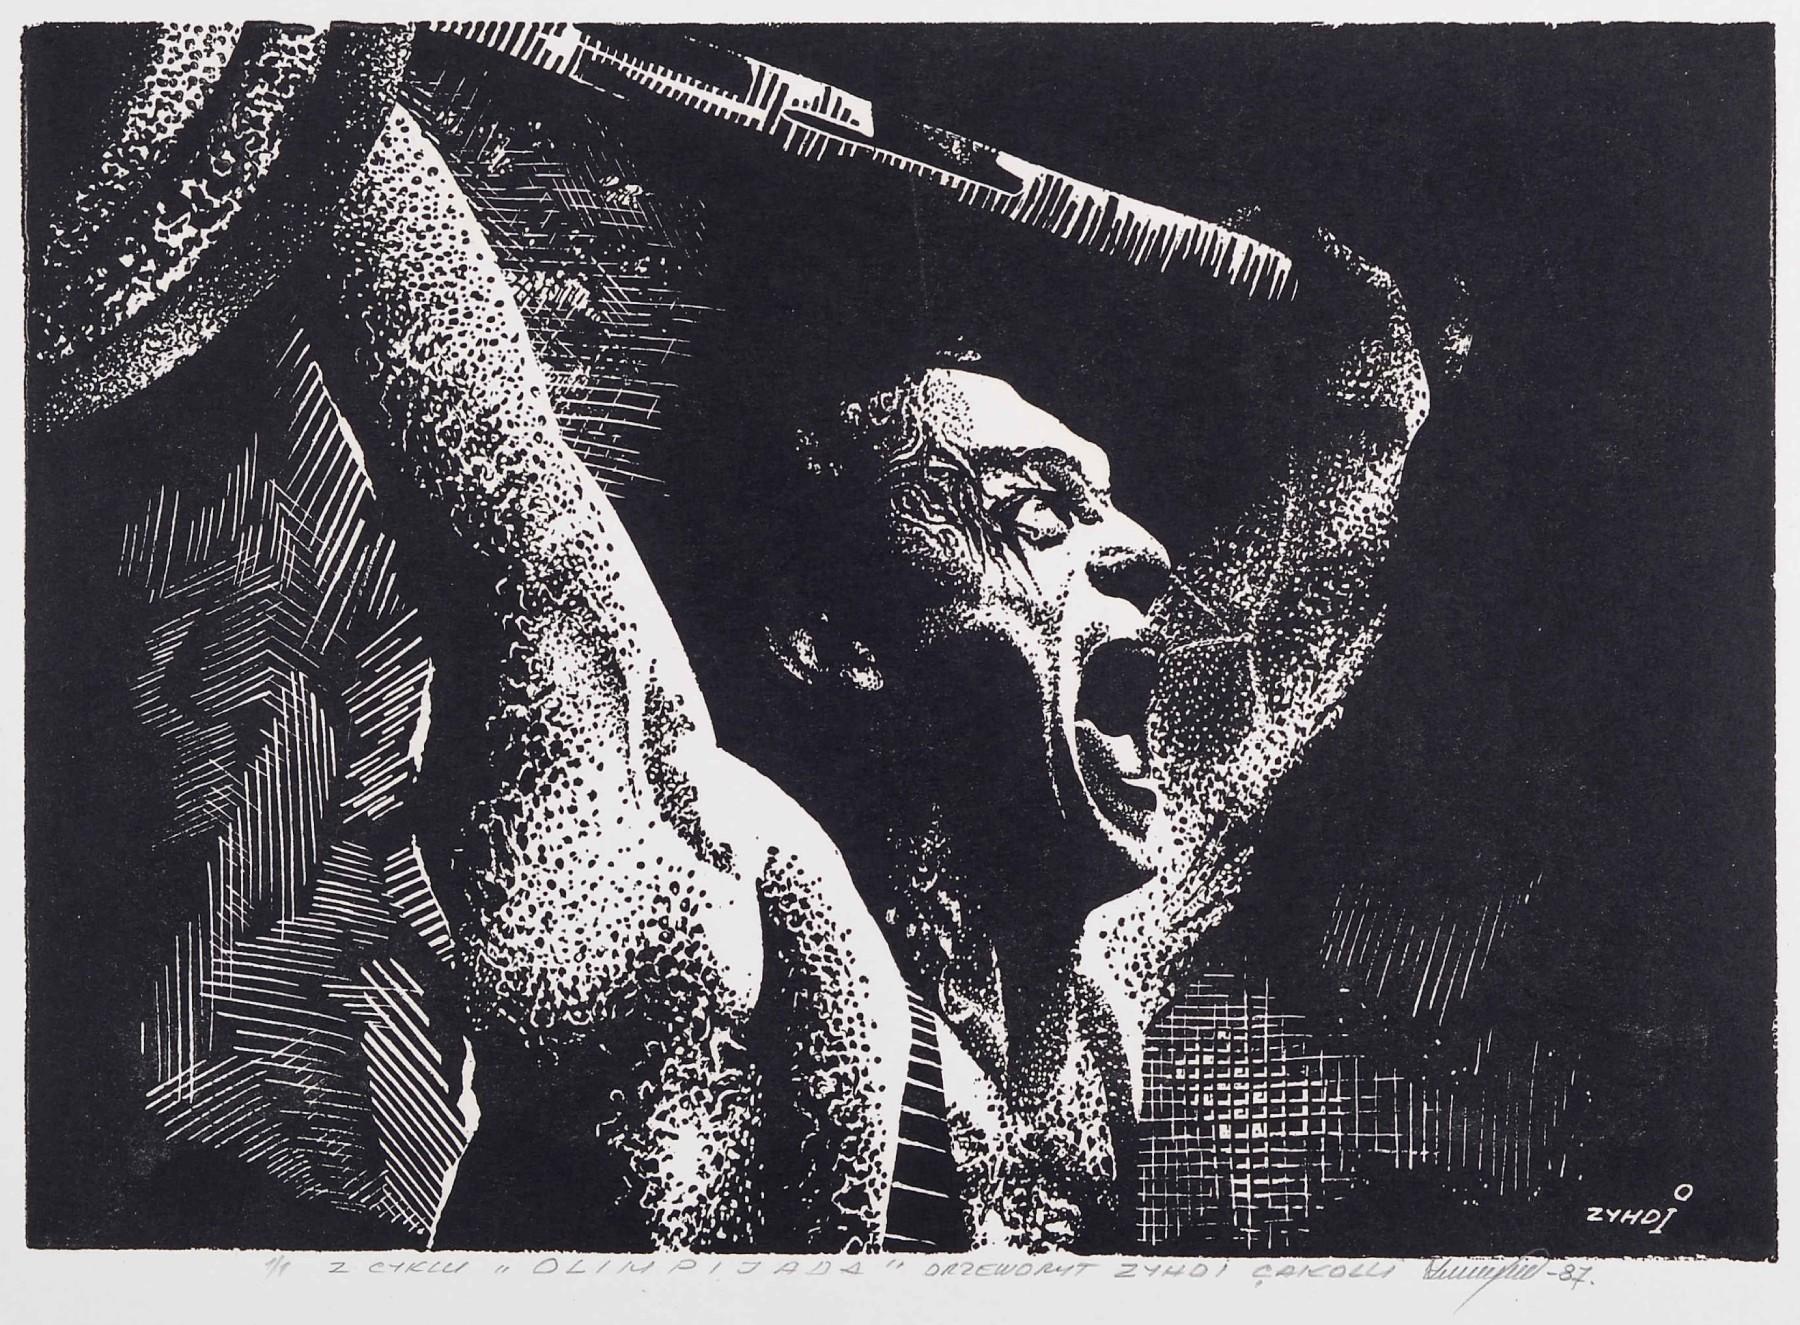 """Z cyklu """"OLIMPIJADA"""" , 1987"""